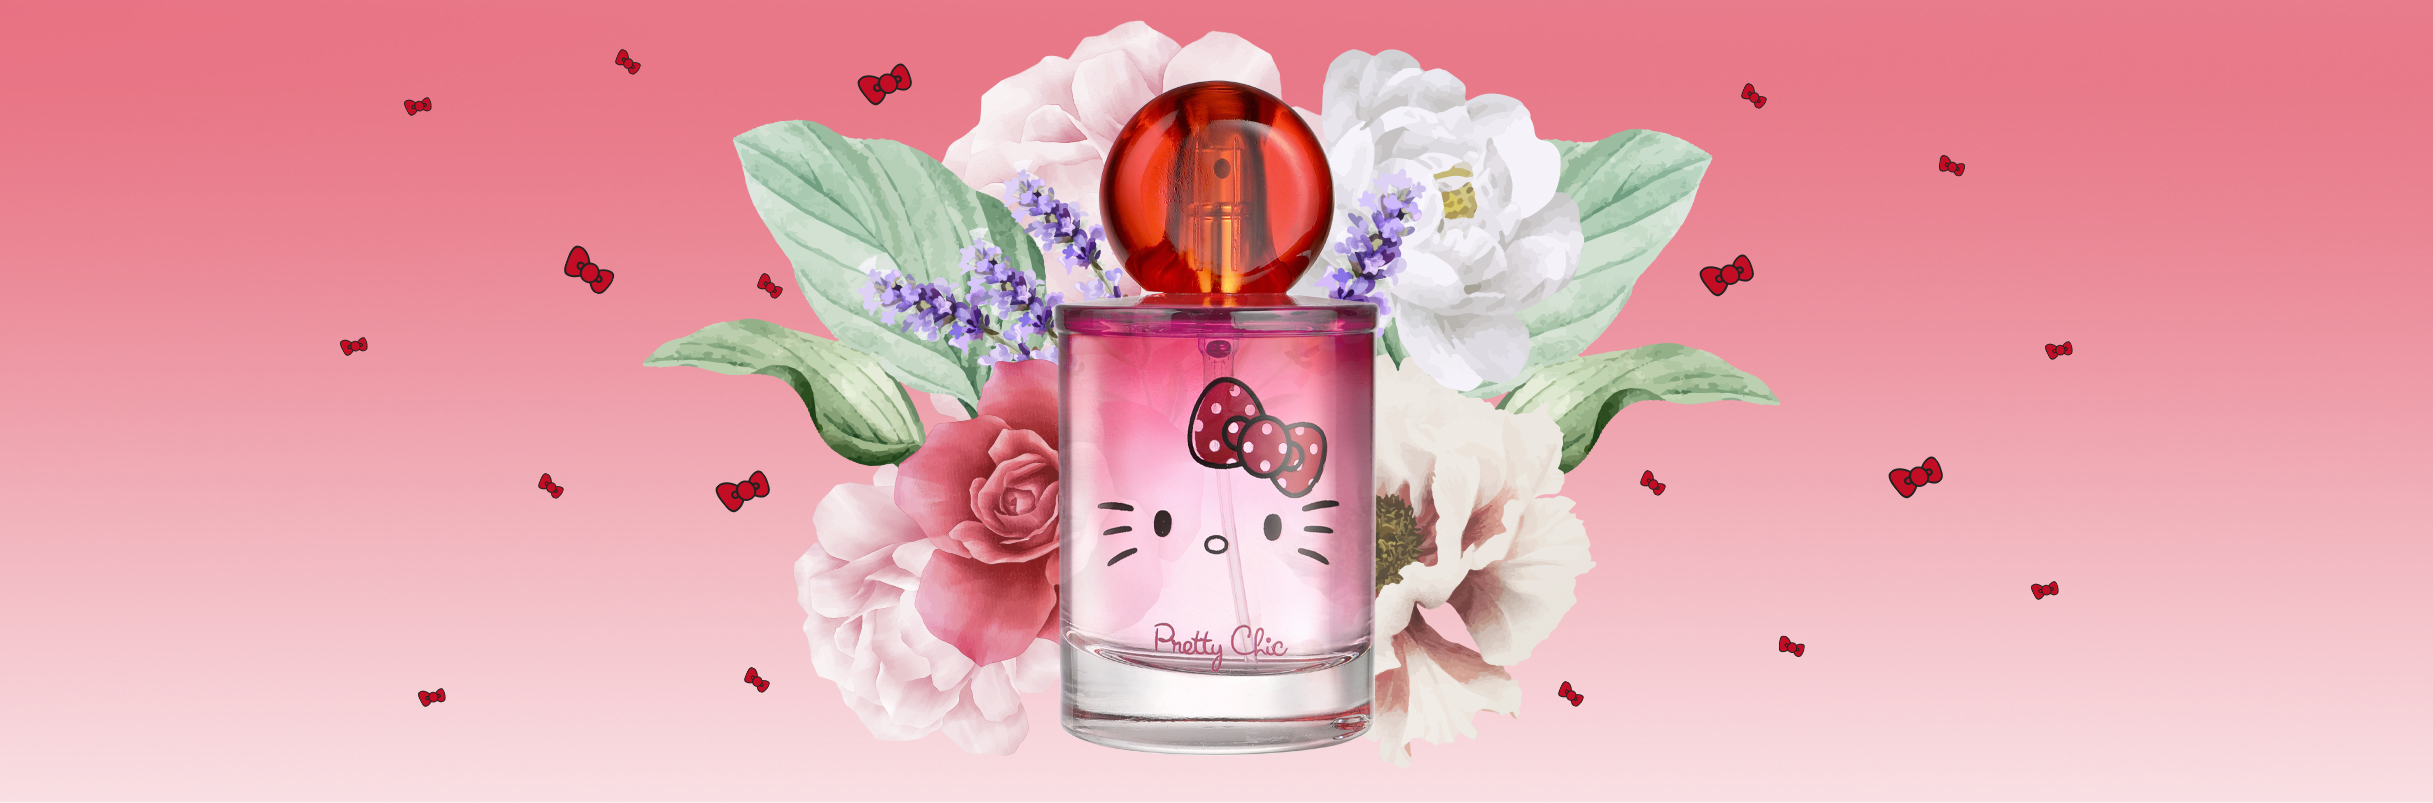 The Hello Kitty fragrances